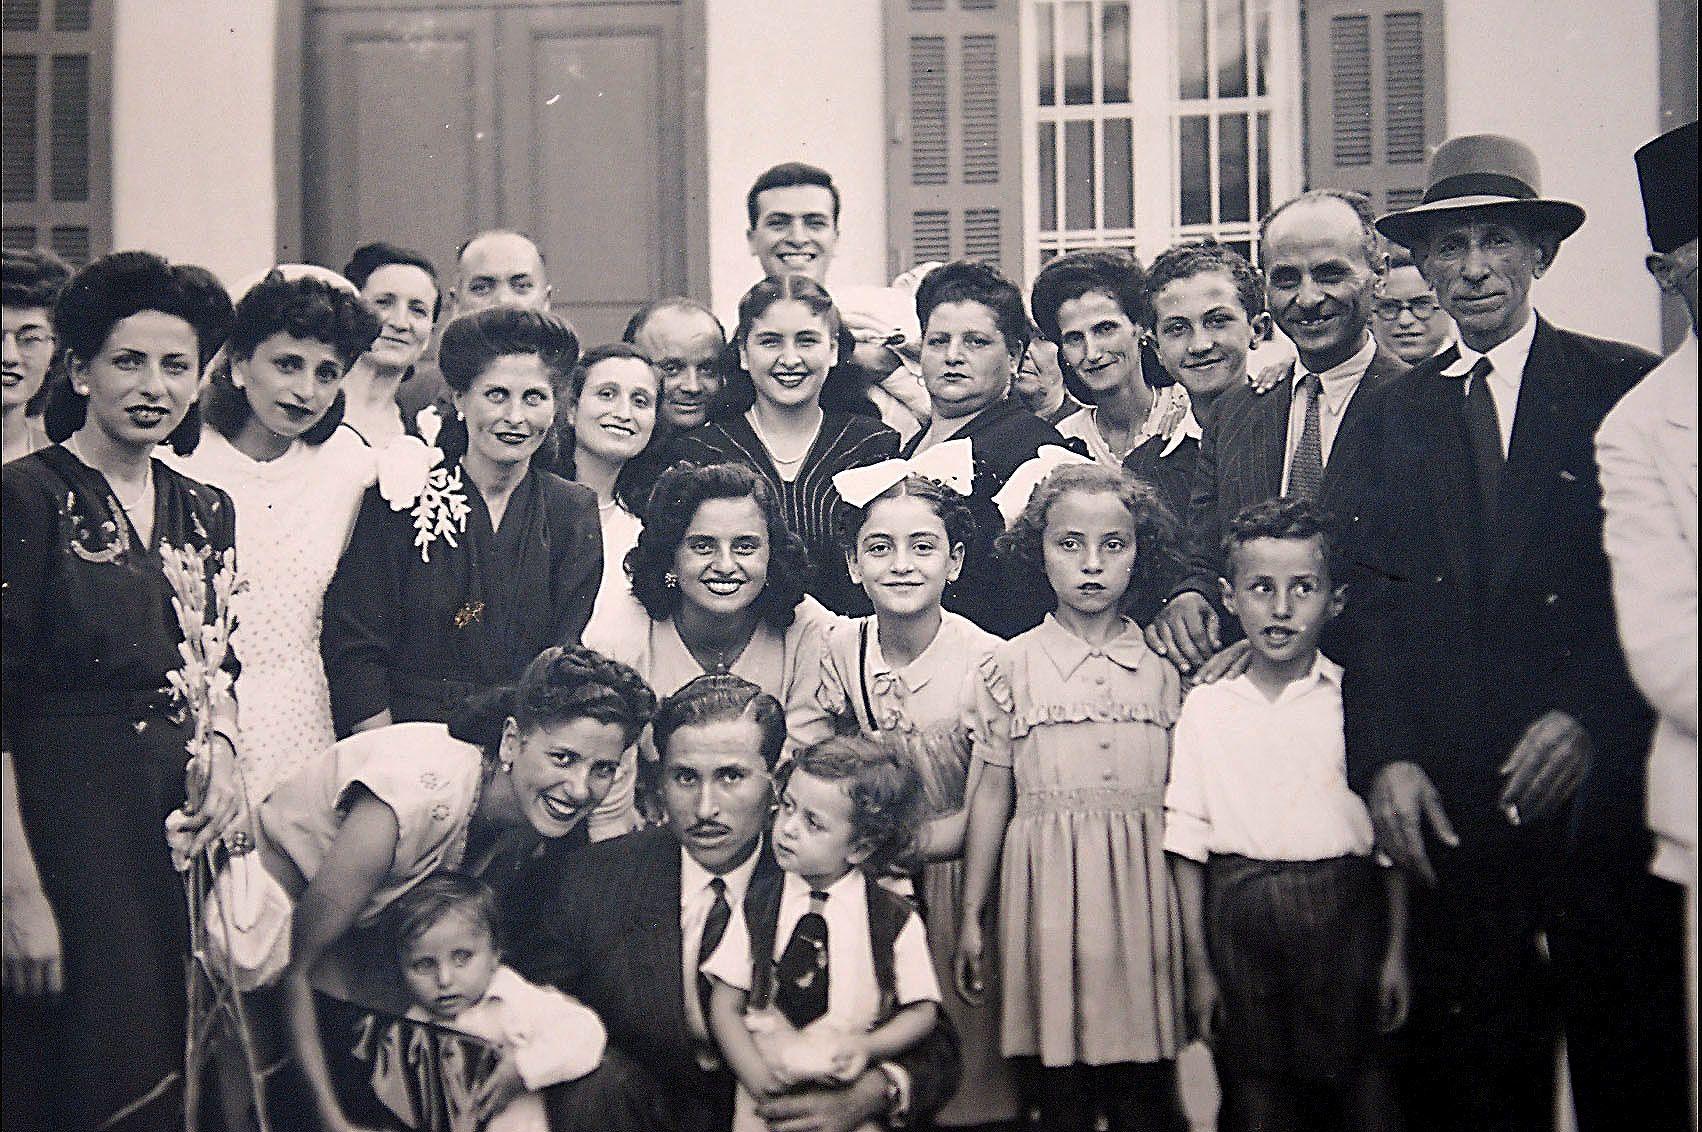 Une famille juive libanaise réunie pour un mariage à la synagogue Magen Abraham de Beyrouth. (Communauté Juive libanaise)